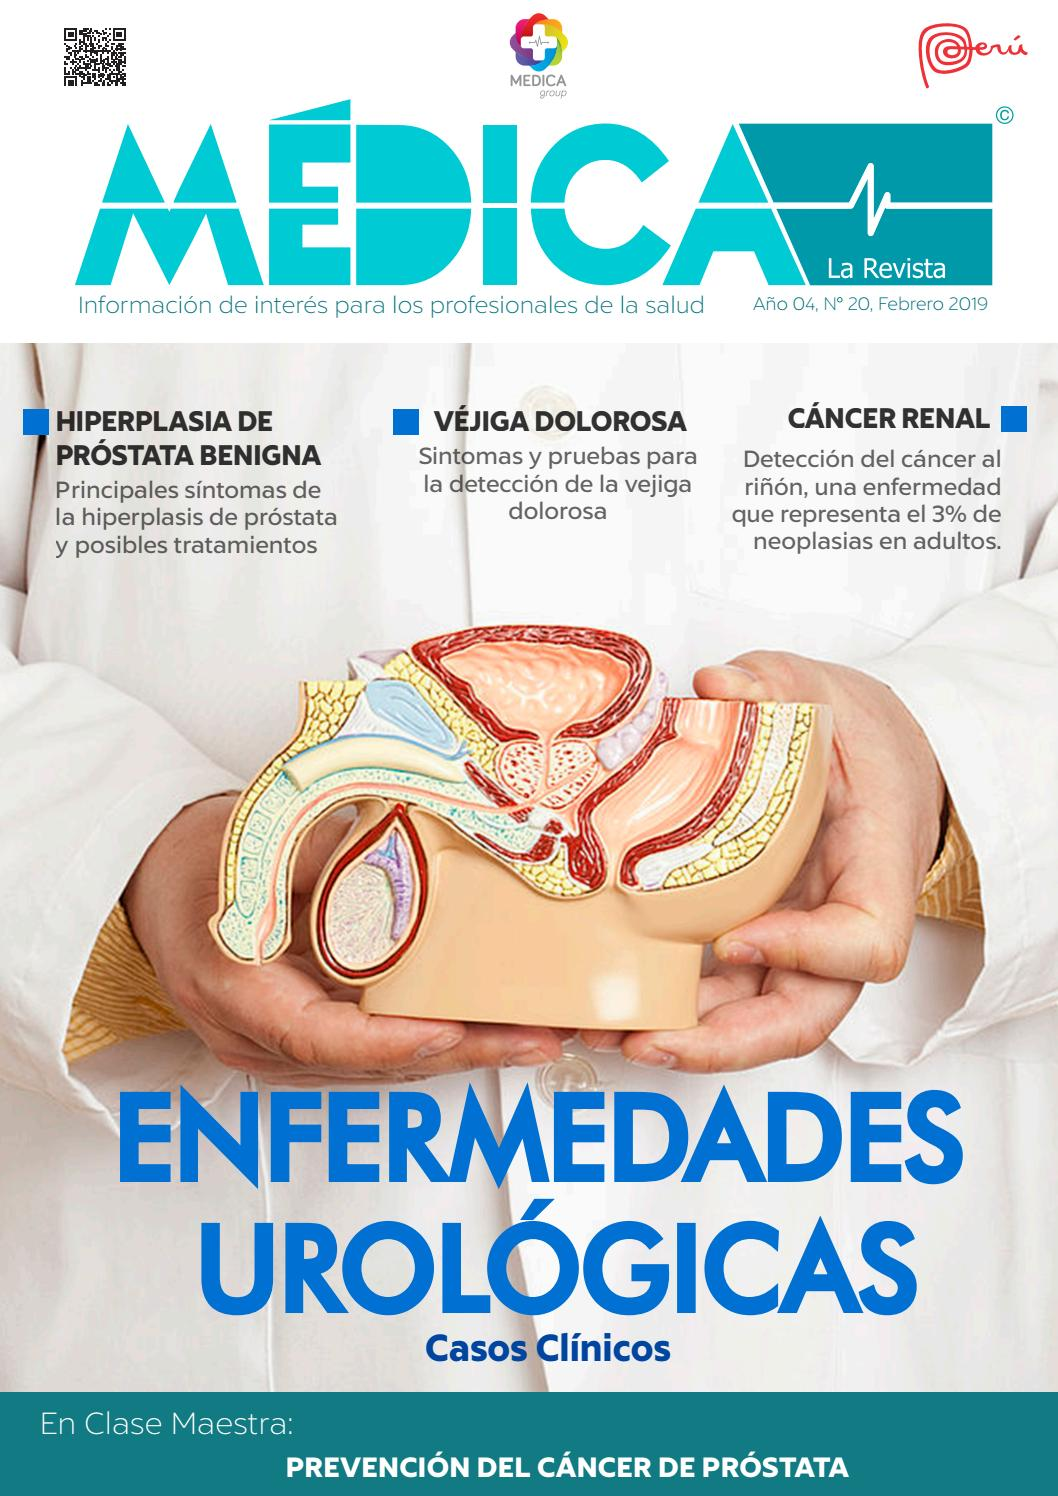 código médico para la prueba de detección del cáncer de próstata